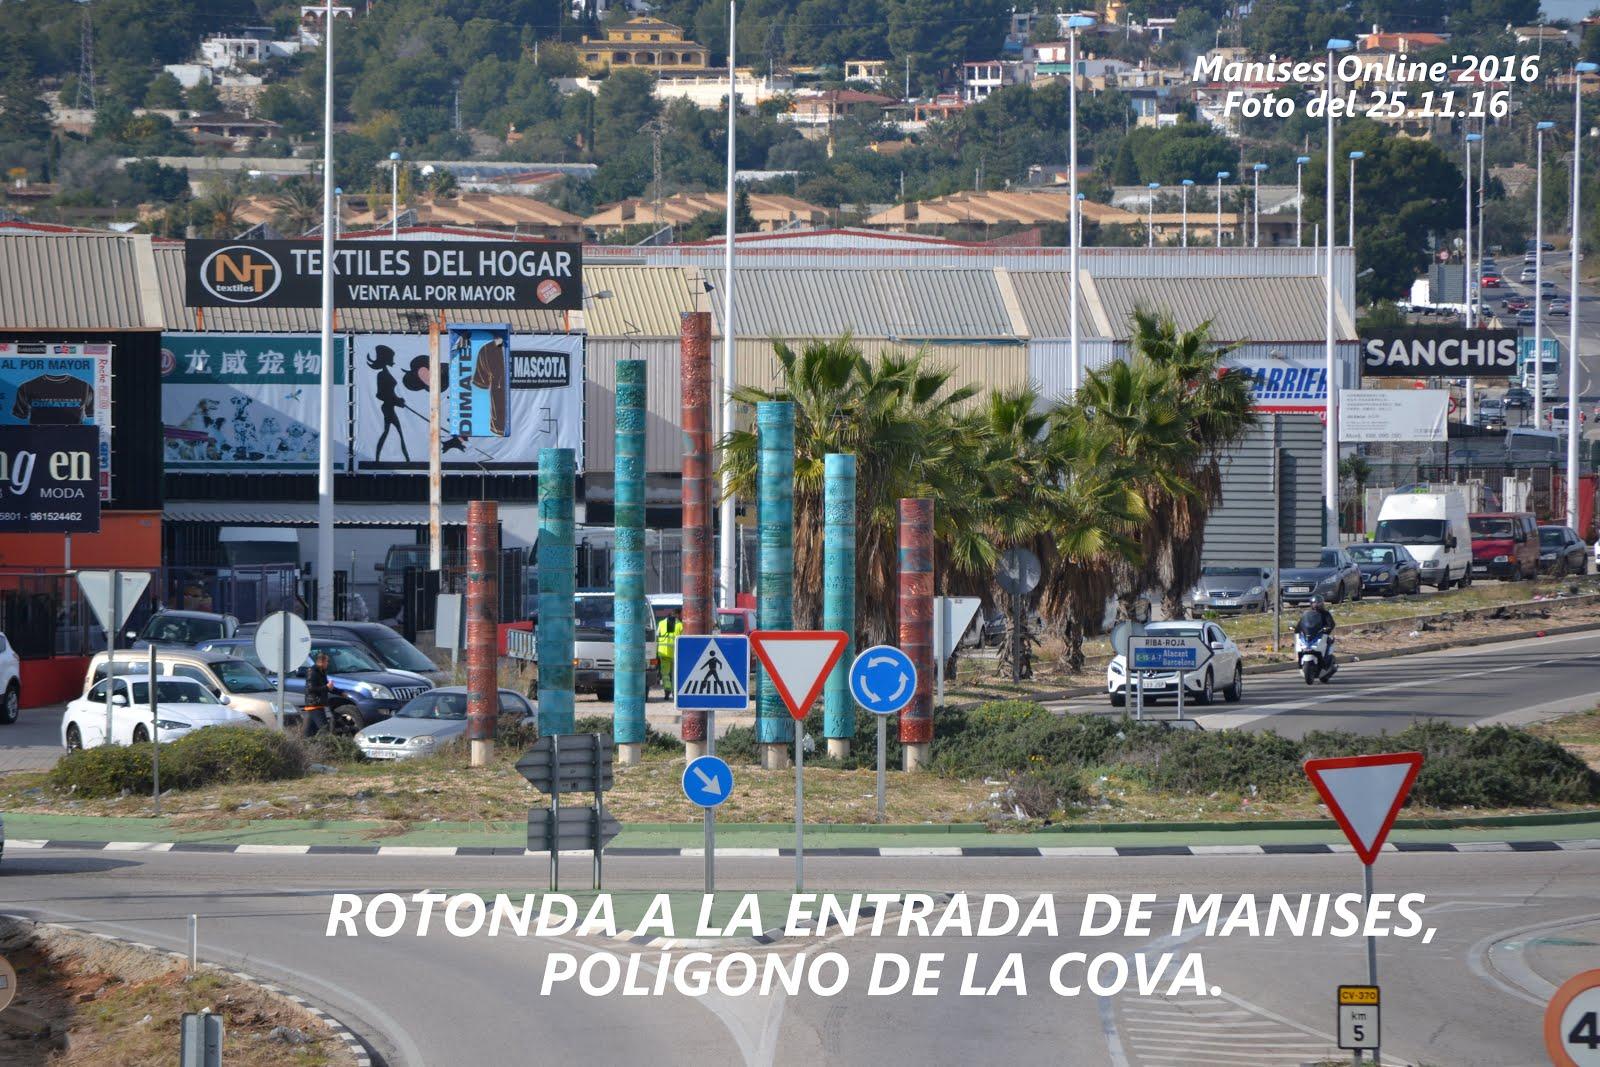 30.11.16 LAS ROTONDAS DE MANISES CON UNA FALTA DE MANTENIMIENTO EVIDENTE